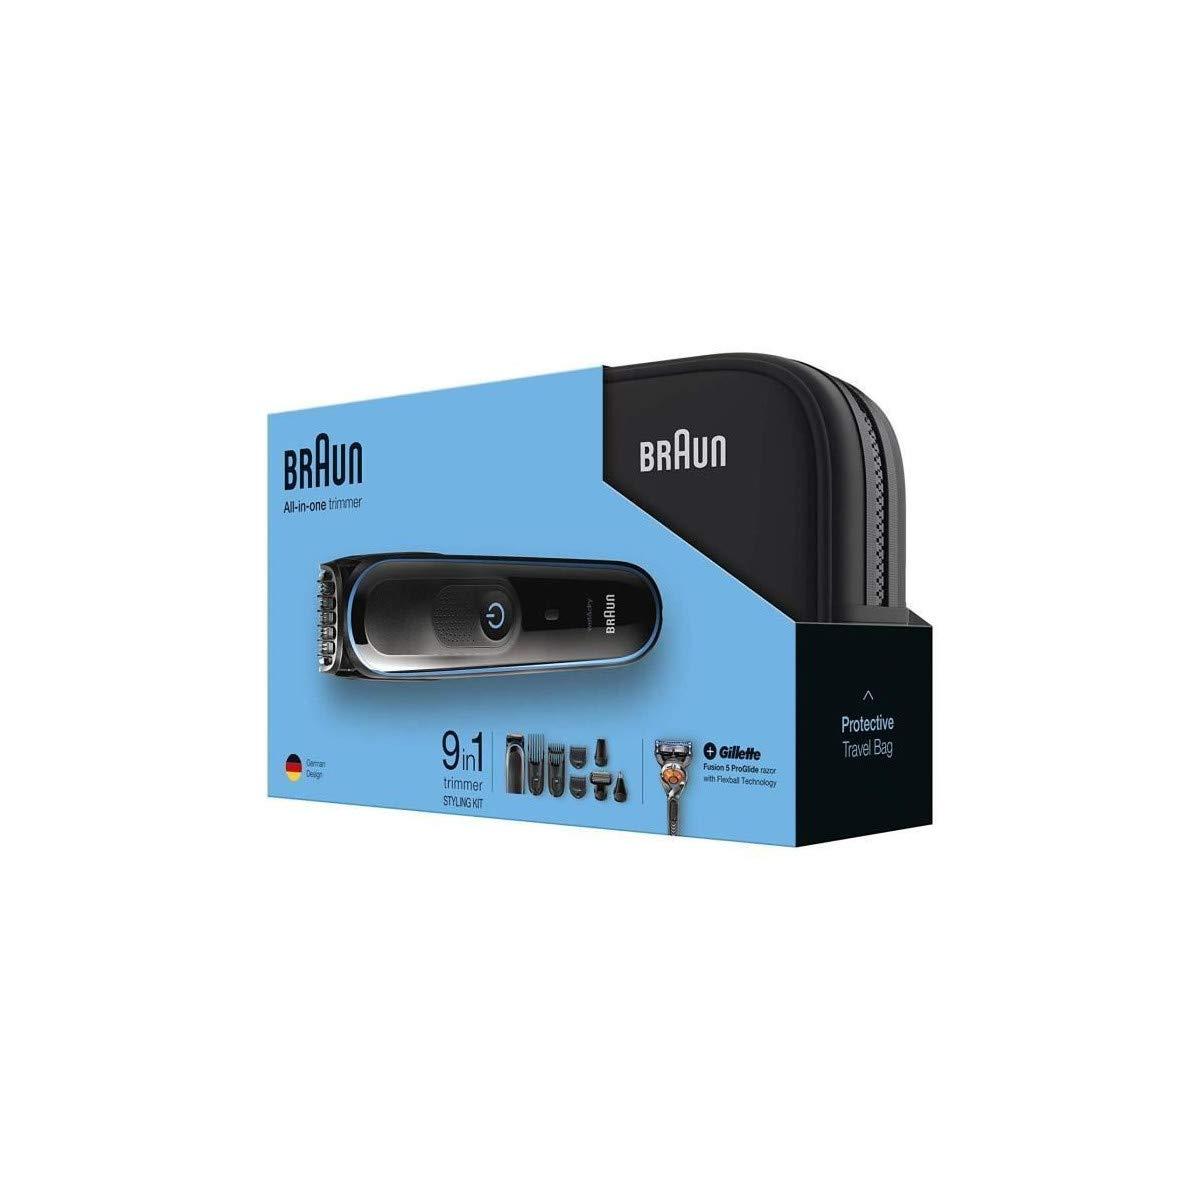 Braun MGK 3980 + Kulturtasche + Gillette Rasierer: Amazon.es ...